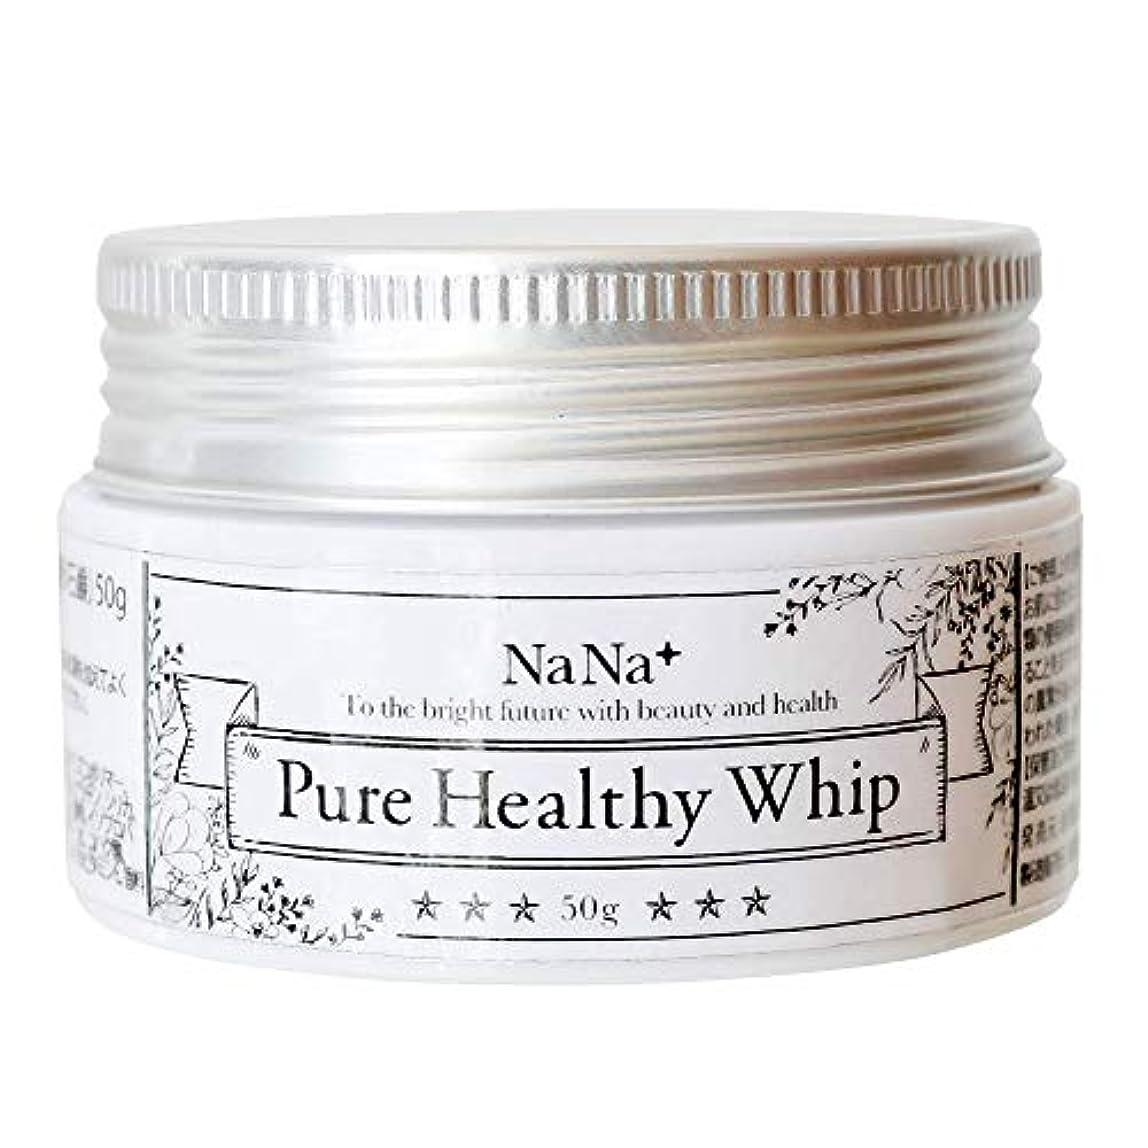 メンタル桃乗って洗顔 生せっけん 敏感肌 乾燥肌 の 毛穴 くすみ 黒ずみ ケア 肌に優しい無添加  nana+ピュアヘルシーホイップ